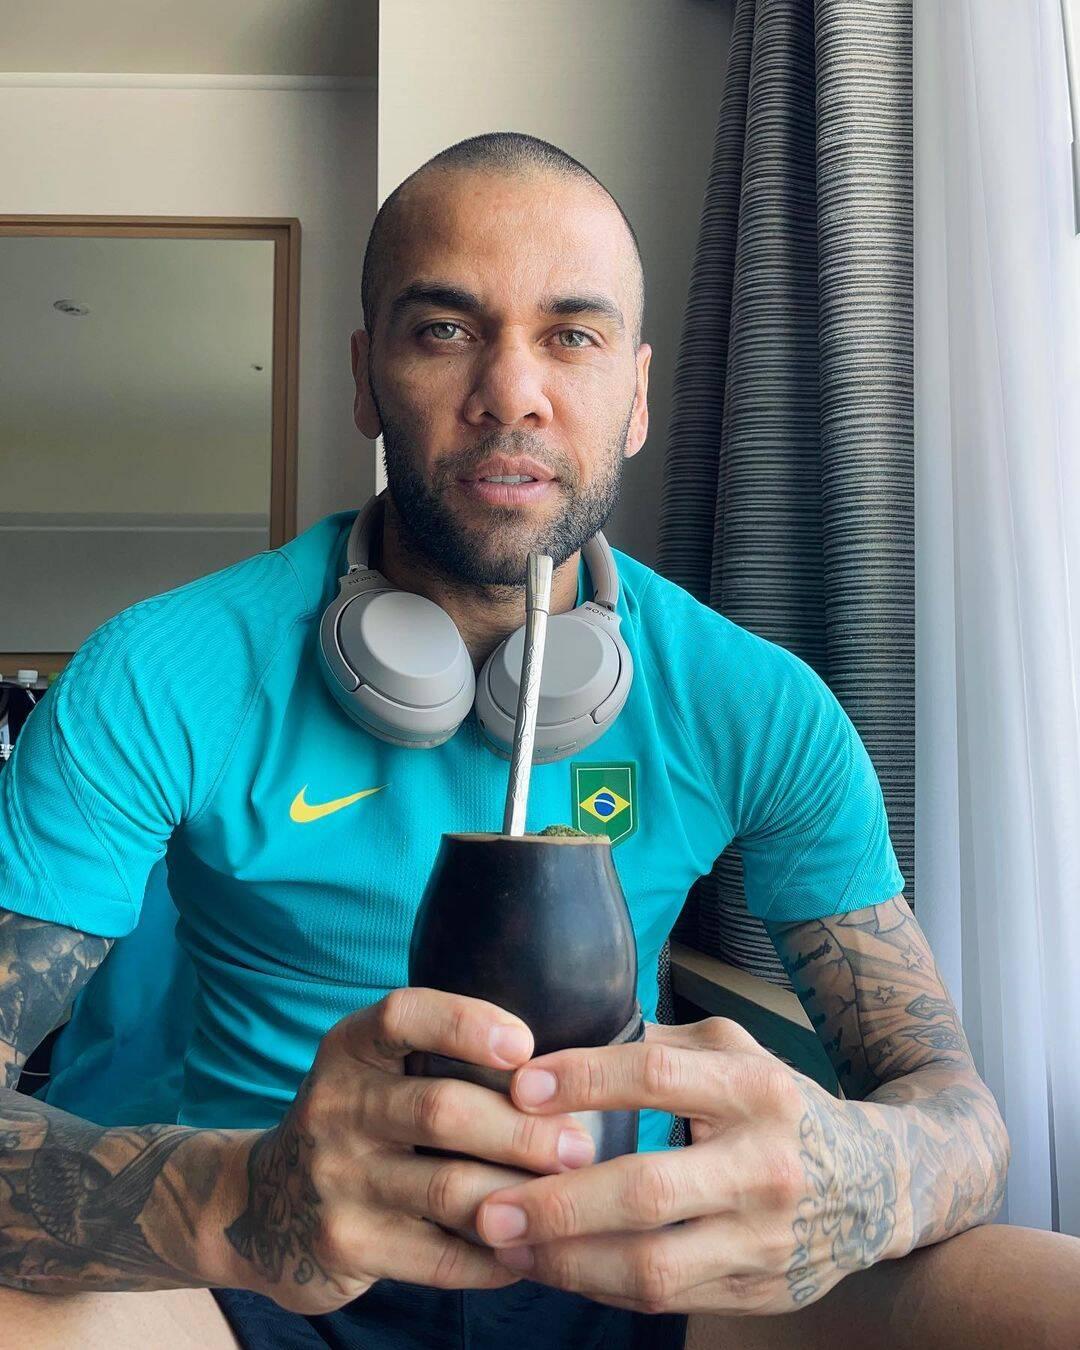 O atleta respondeu os gestos, comendo a banana que jogaram (Foto: Instagram)